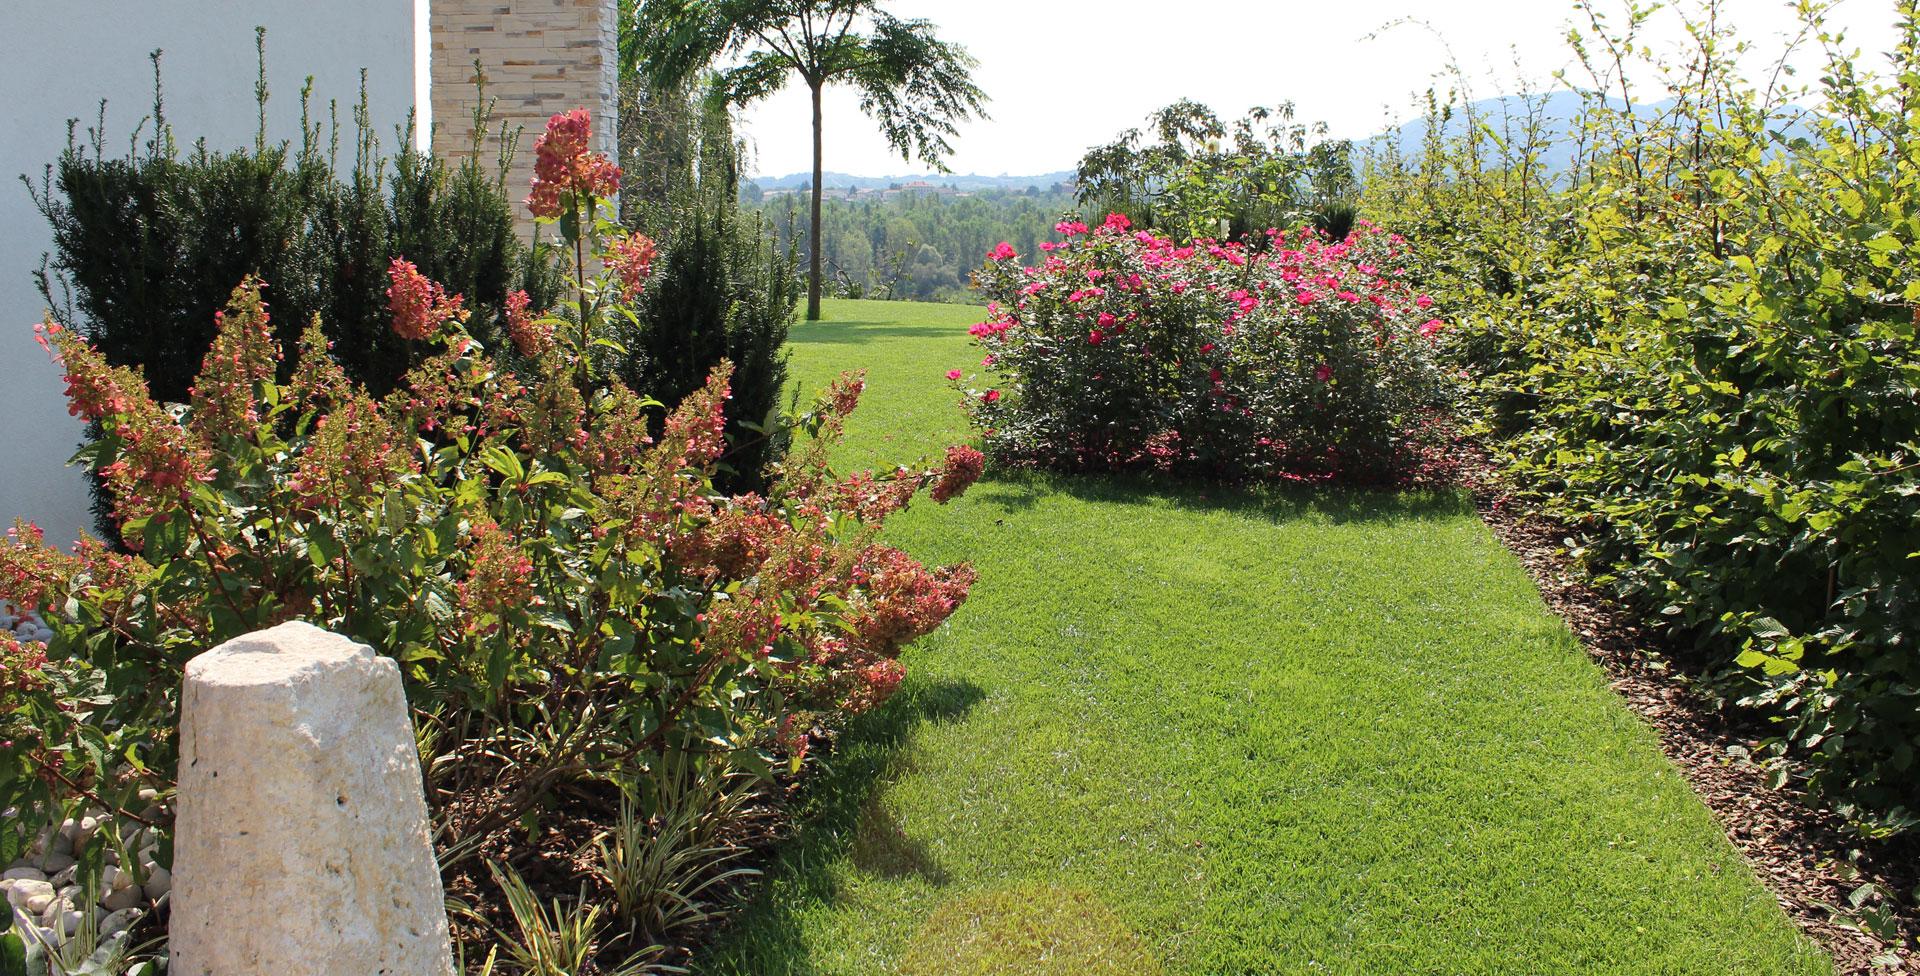 Gemma giardini giardinaggio professionale a treviso for Creazioni giardini